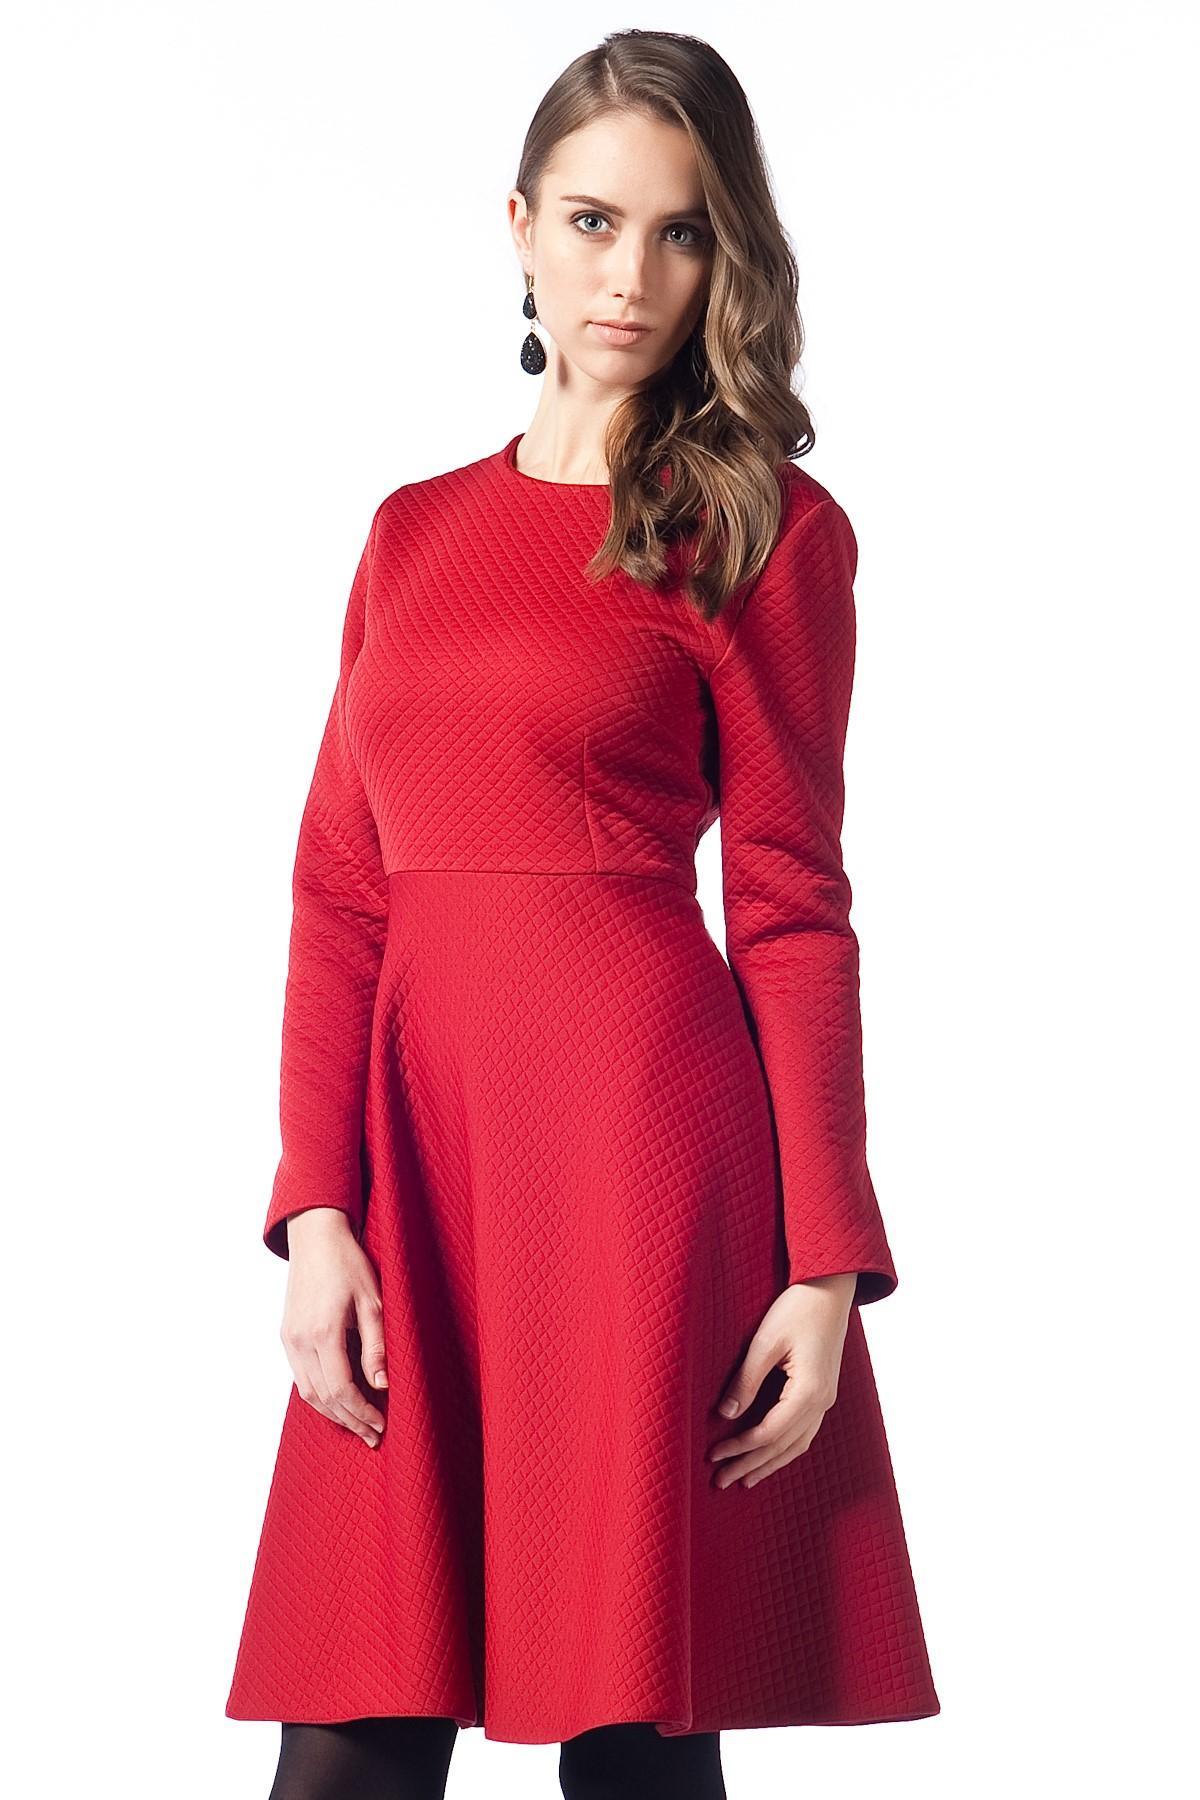 Kırmızı Gönül Kolat Tunik Modelleri